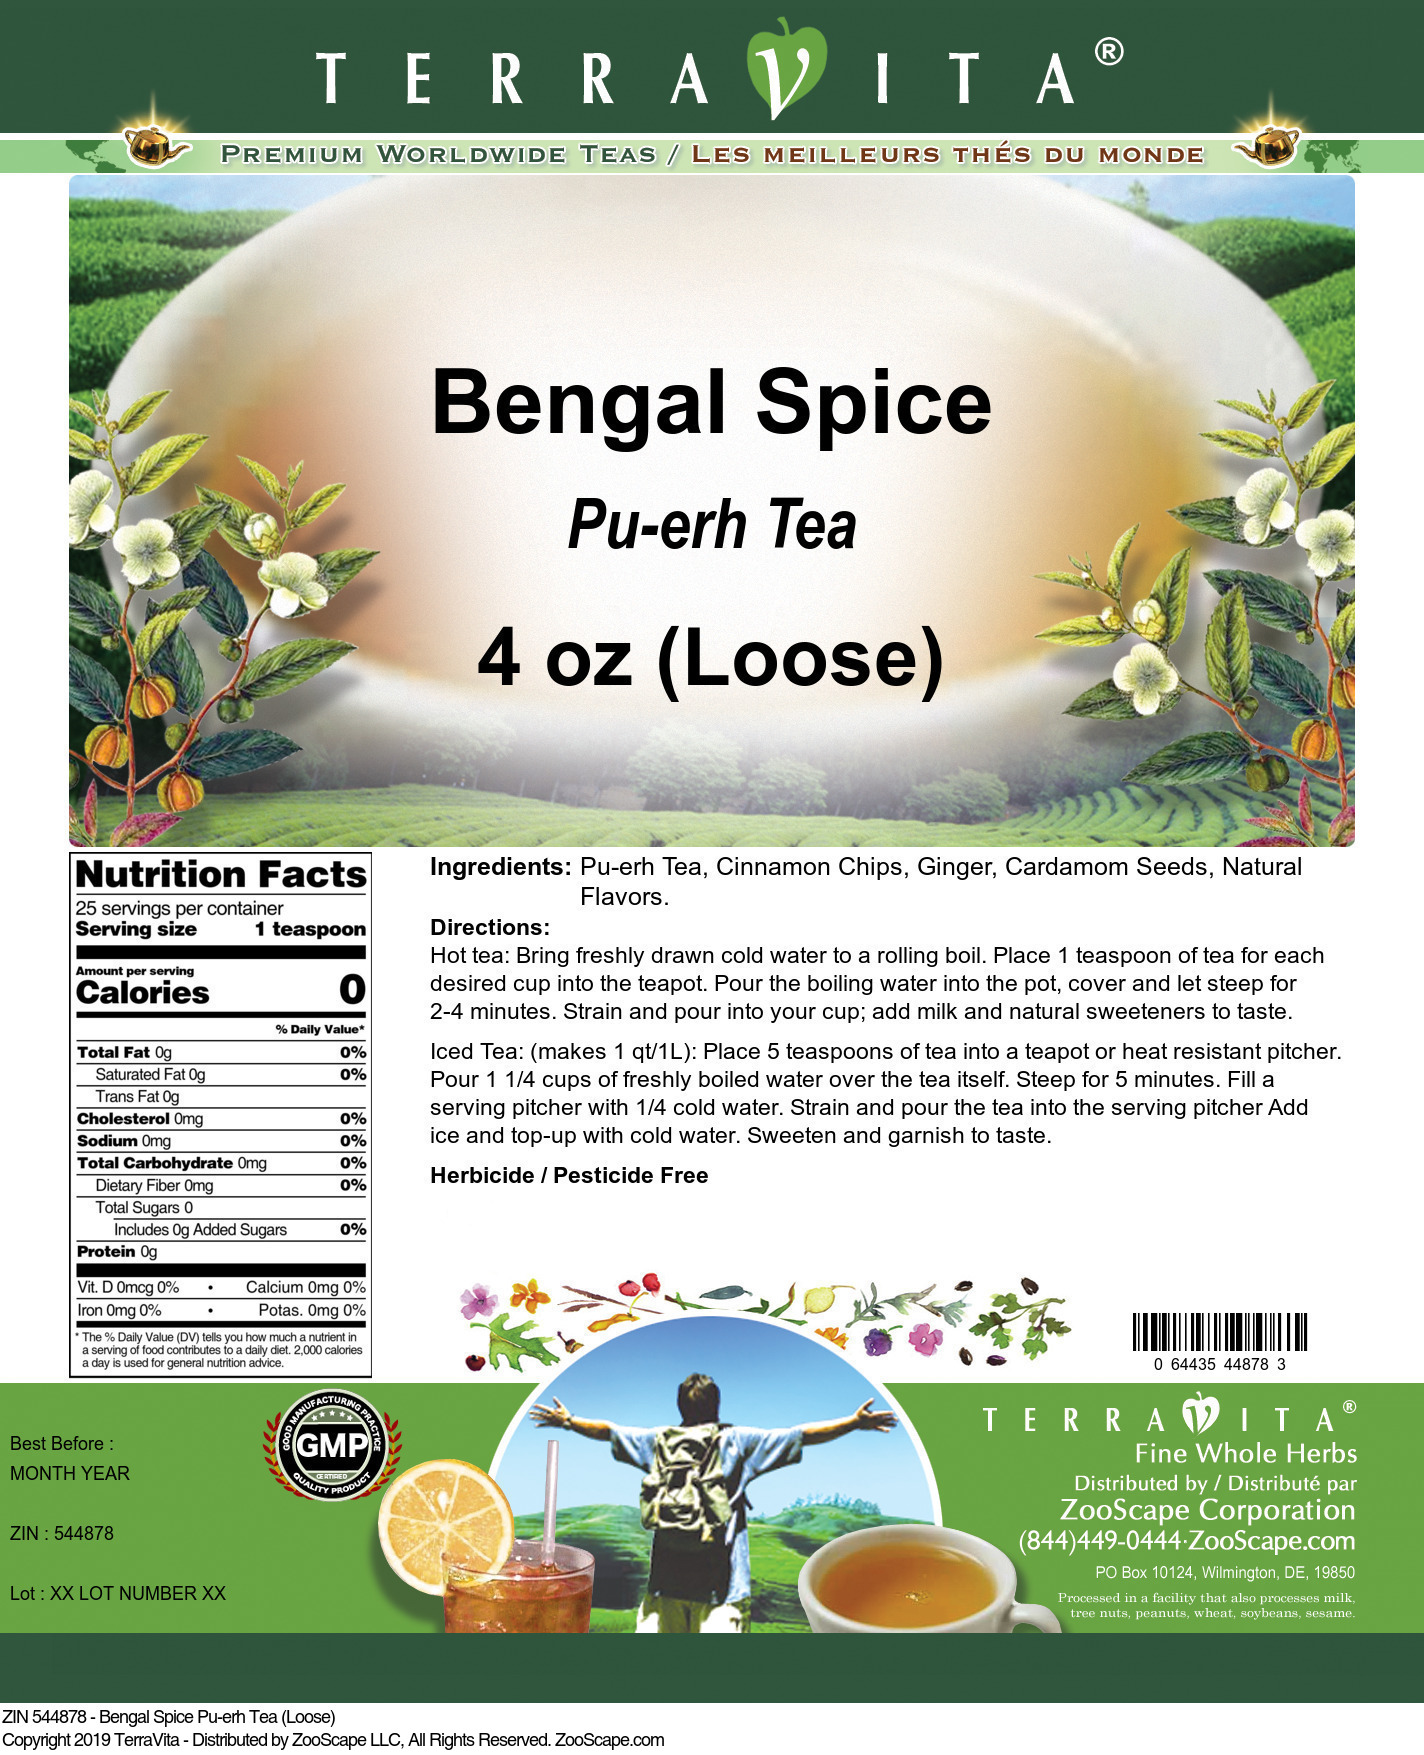 Bengal Spice Pu-erh Tea